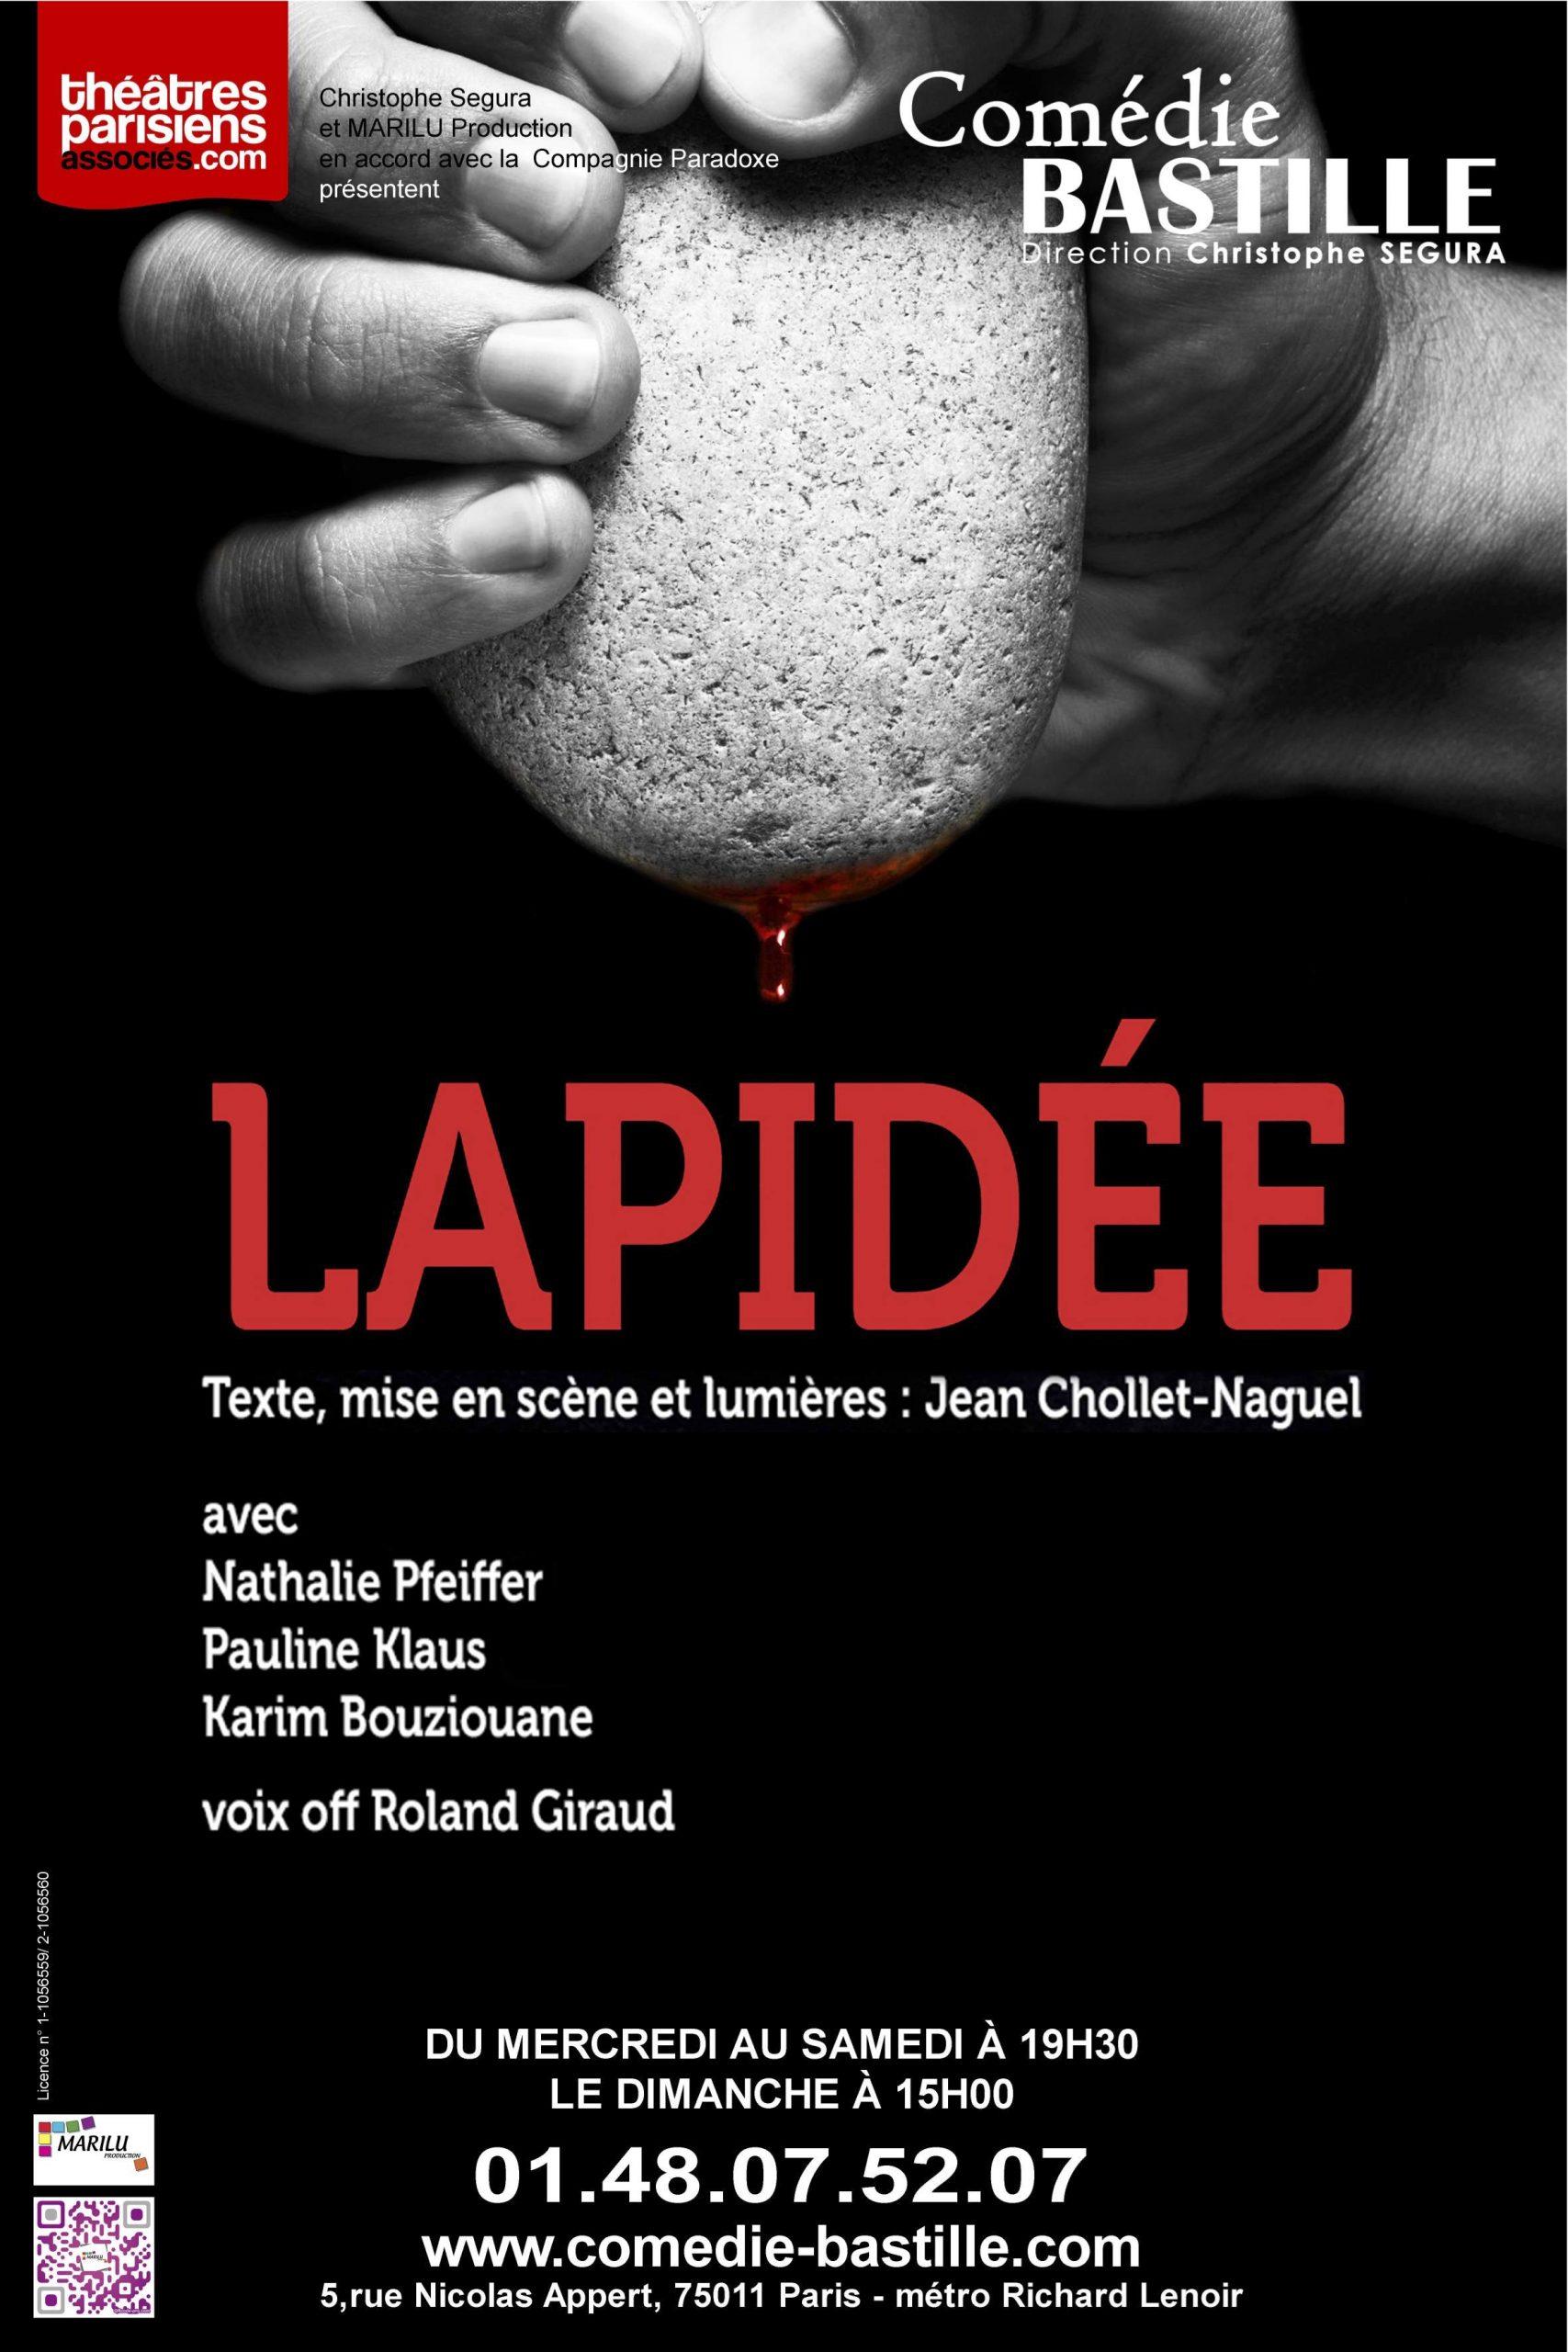 Affiche Lapidée Comédie Bastille.bd